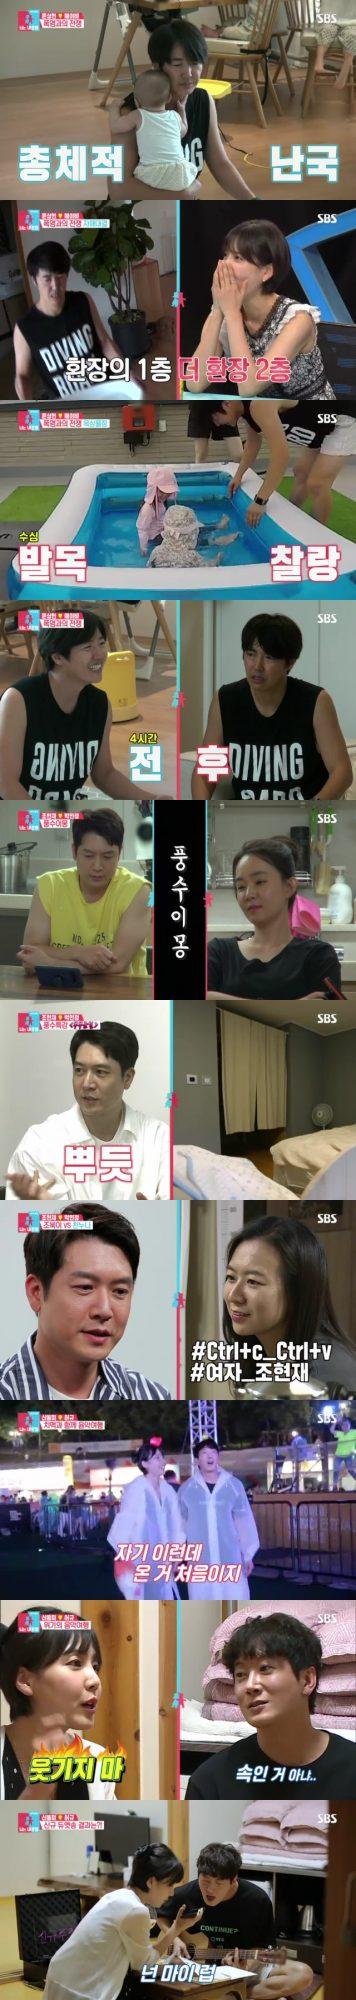 '동상이몽2' 방송 화면. /사진제공=SBS